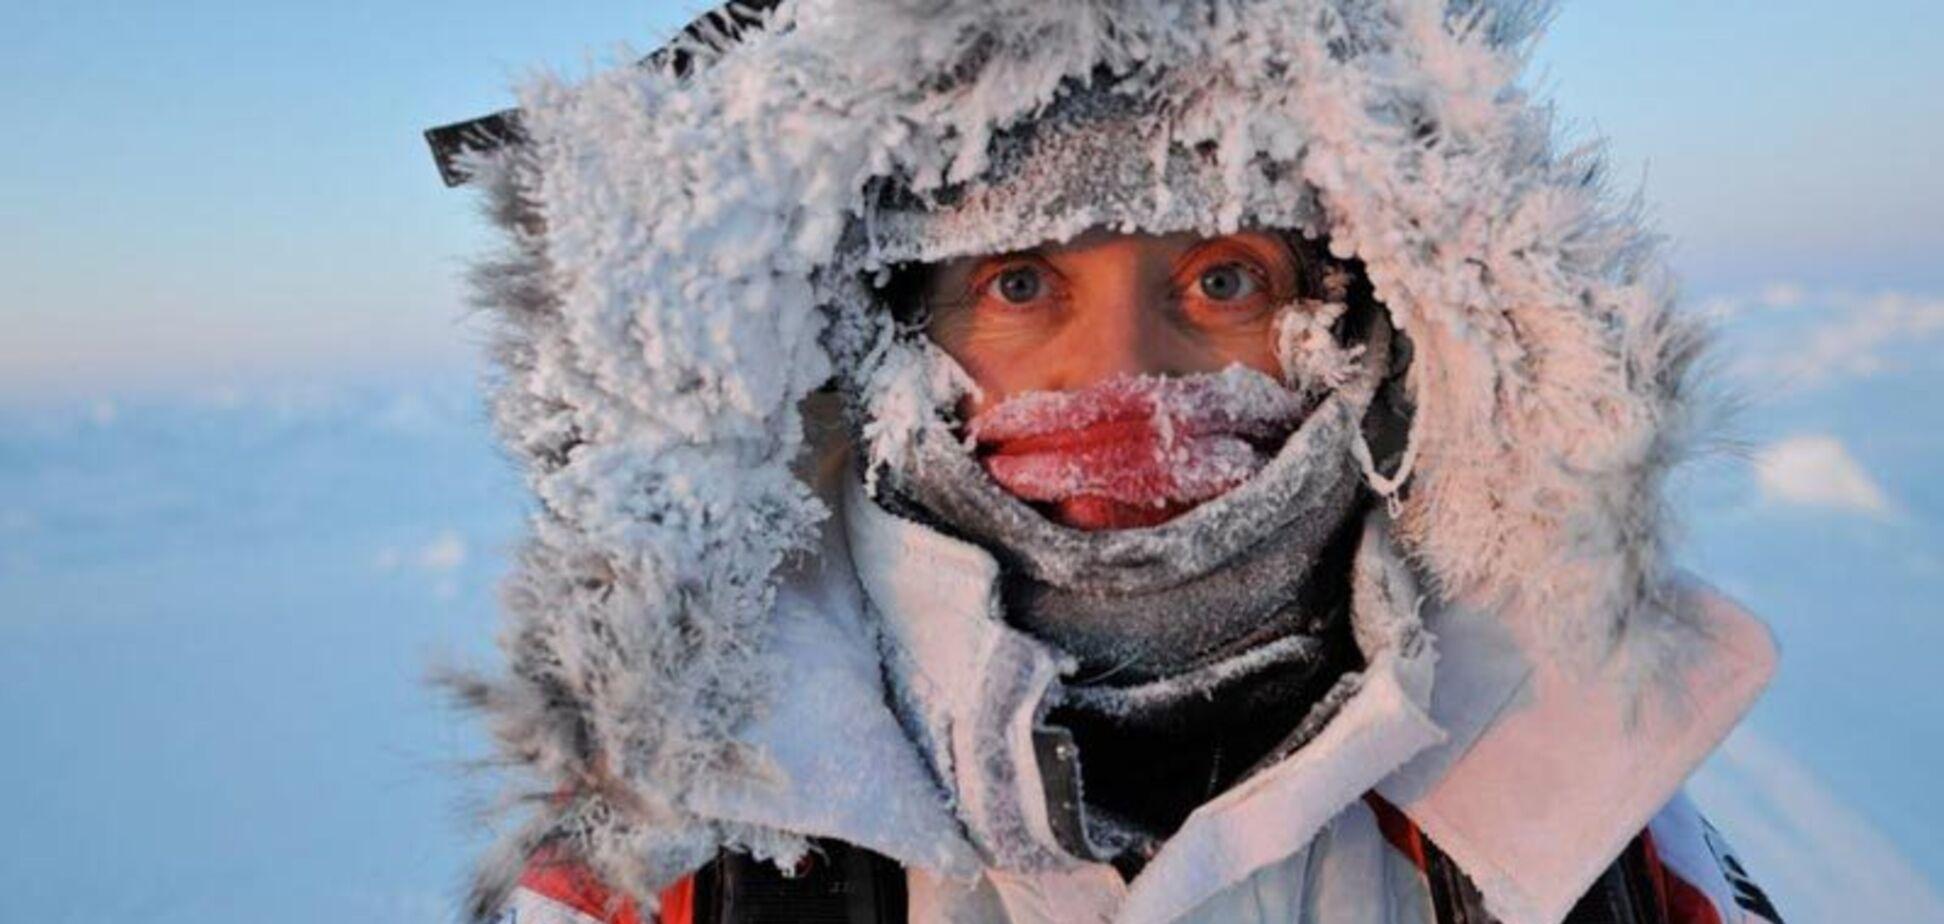 70 років холоду: вчені попередили про наближення Льодовикового періоду